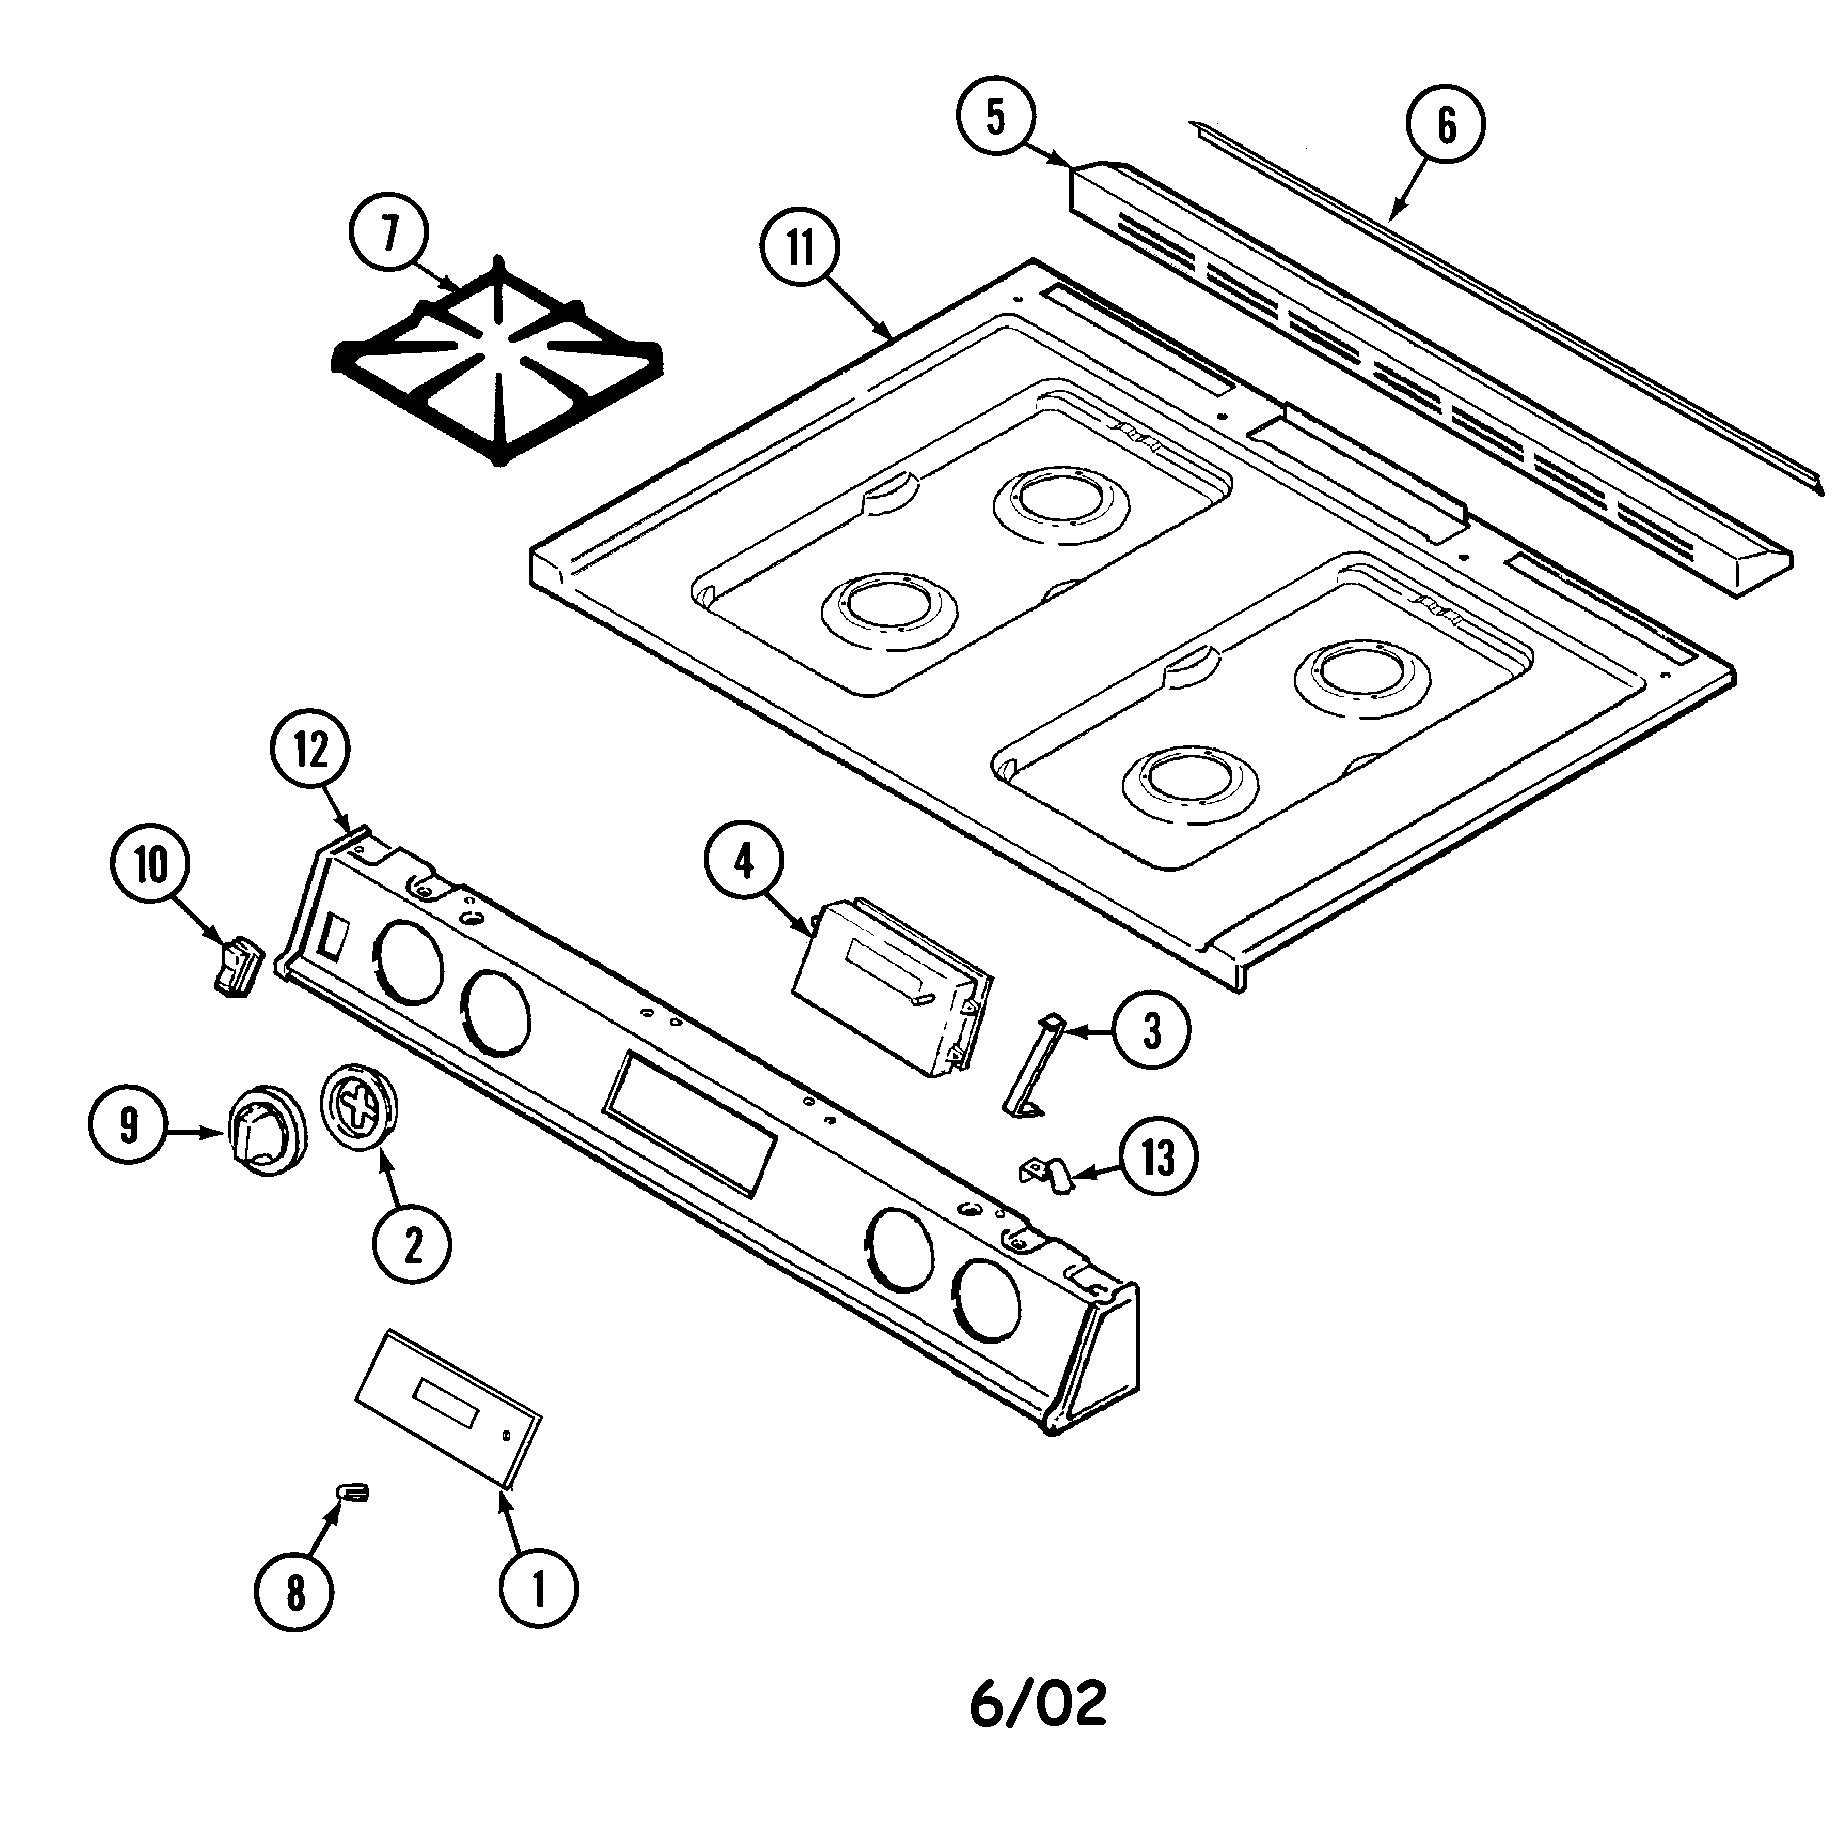 Dodge Ram Oem Parts Diagram Magic Chef Gas Stove Diagram Wiring Info • Of Dodge Ram Oem Parts Diagram